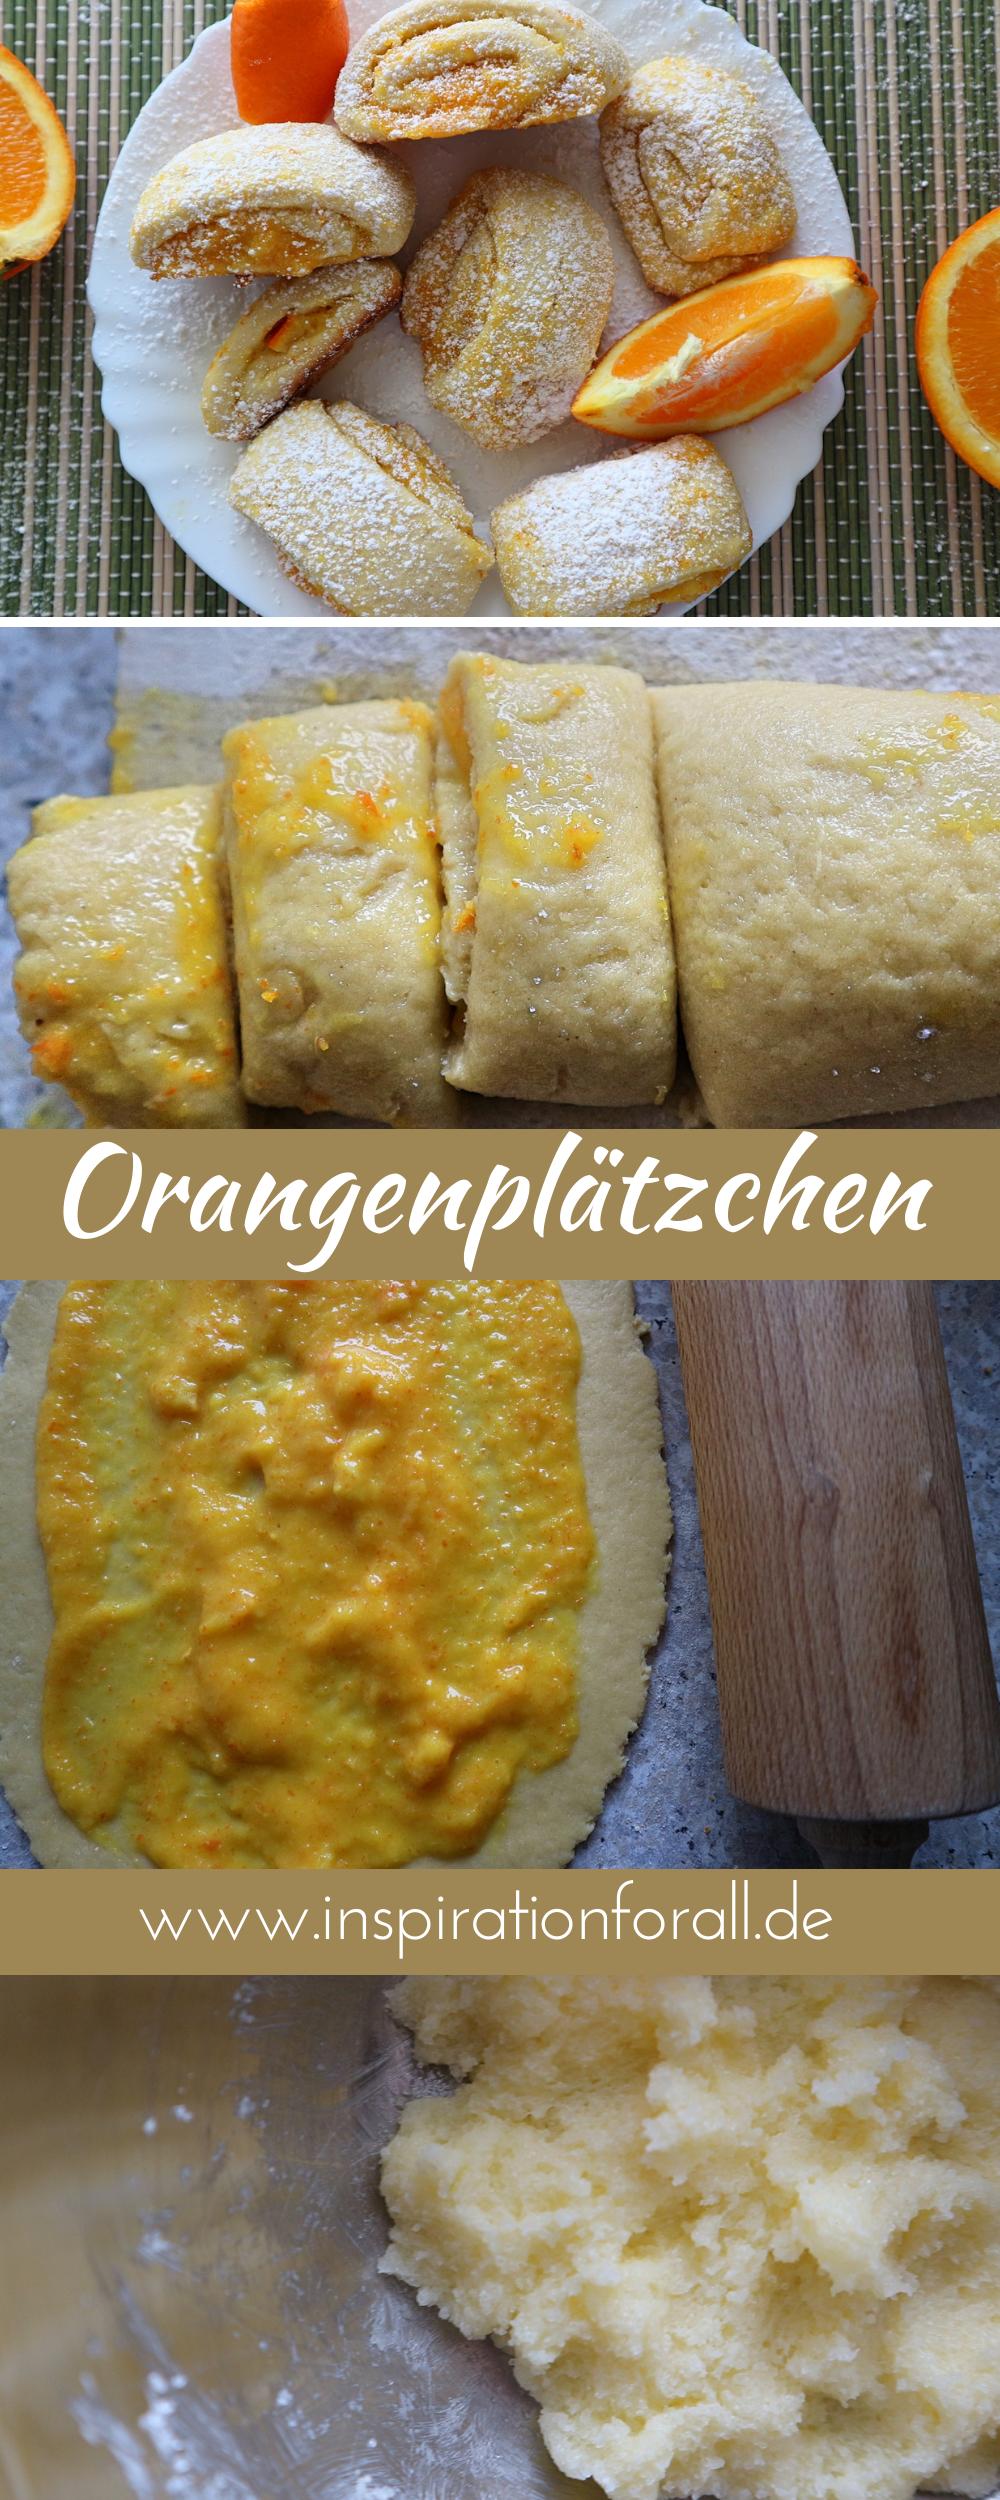 Orangenbrötchen – Rezept für delikate Kekse mit fruchtiger Füllung   – Leckere Rezepte von inspirationforall.de – einfach, schnell, besonders